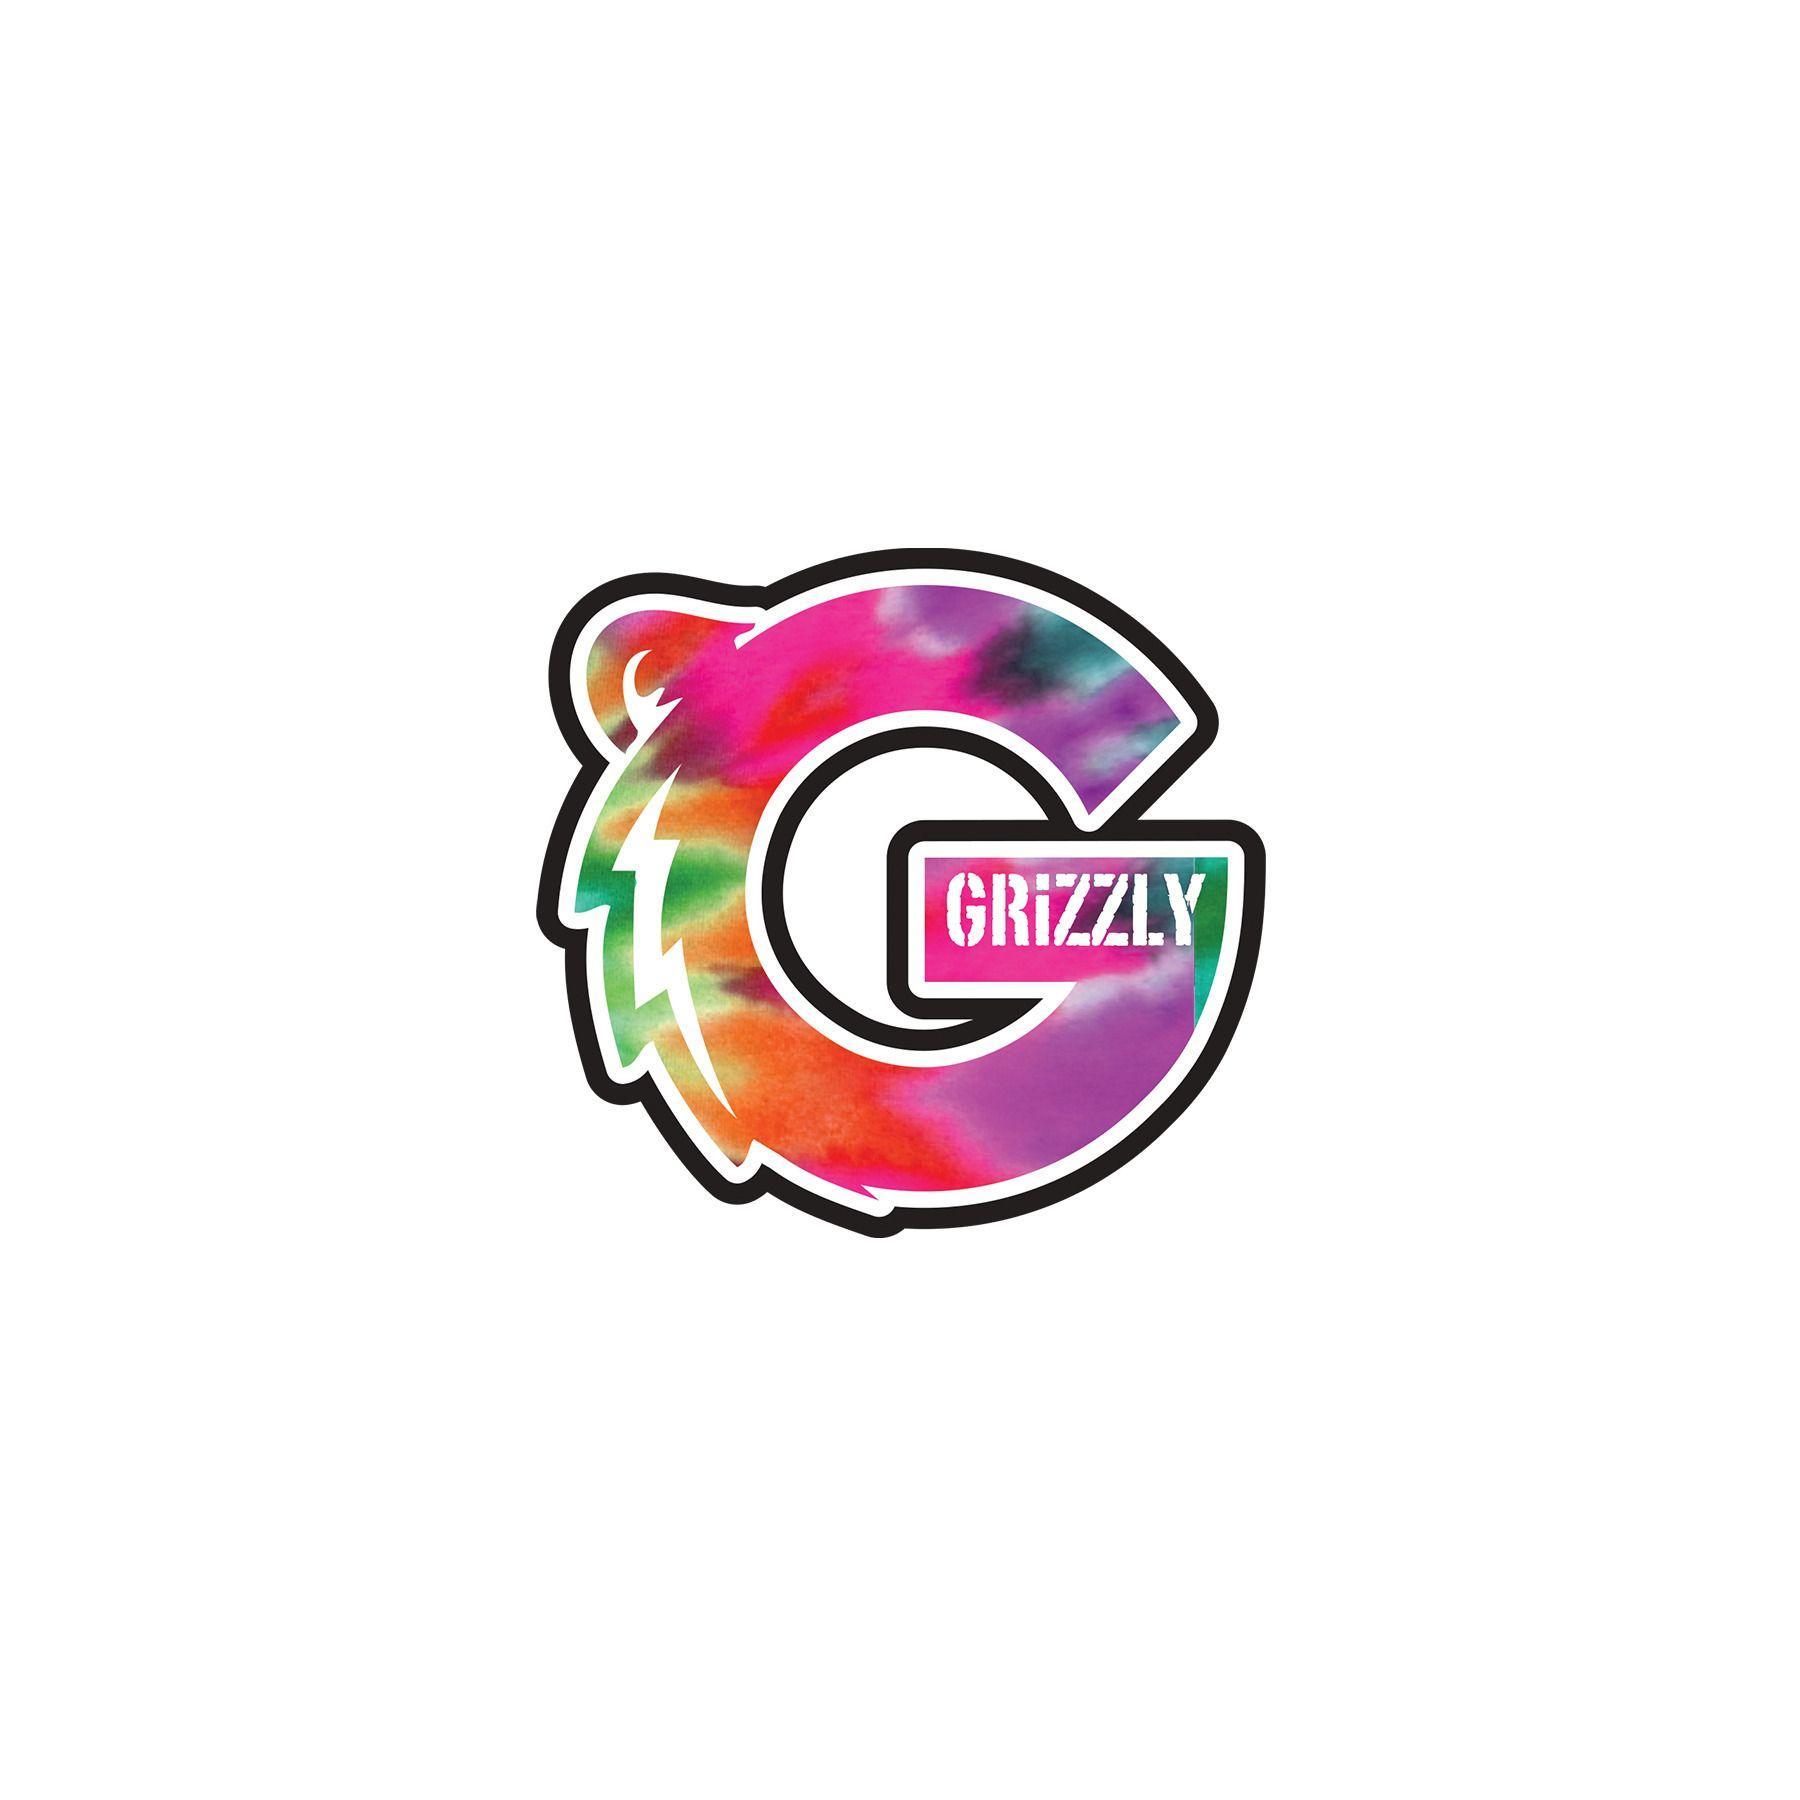 Grizzly Tie Dye Wallpaper